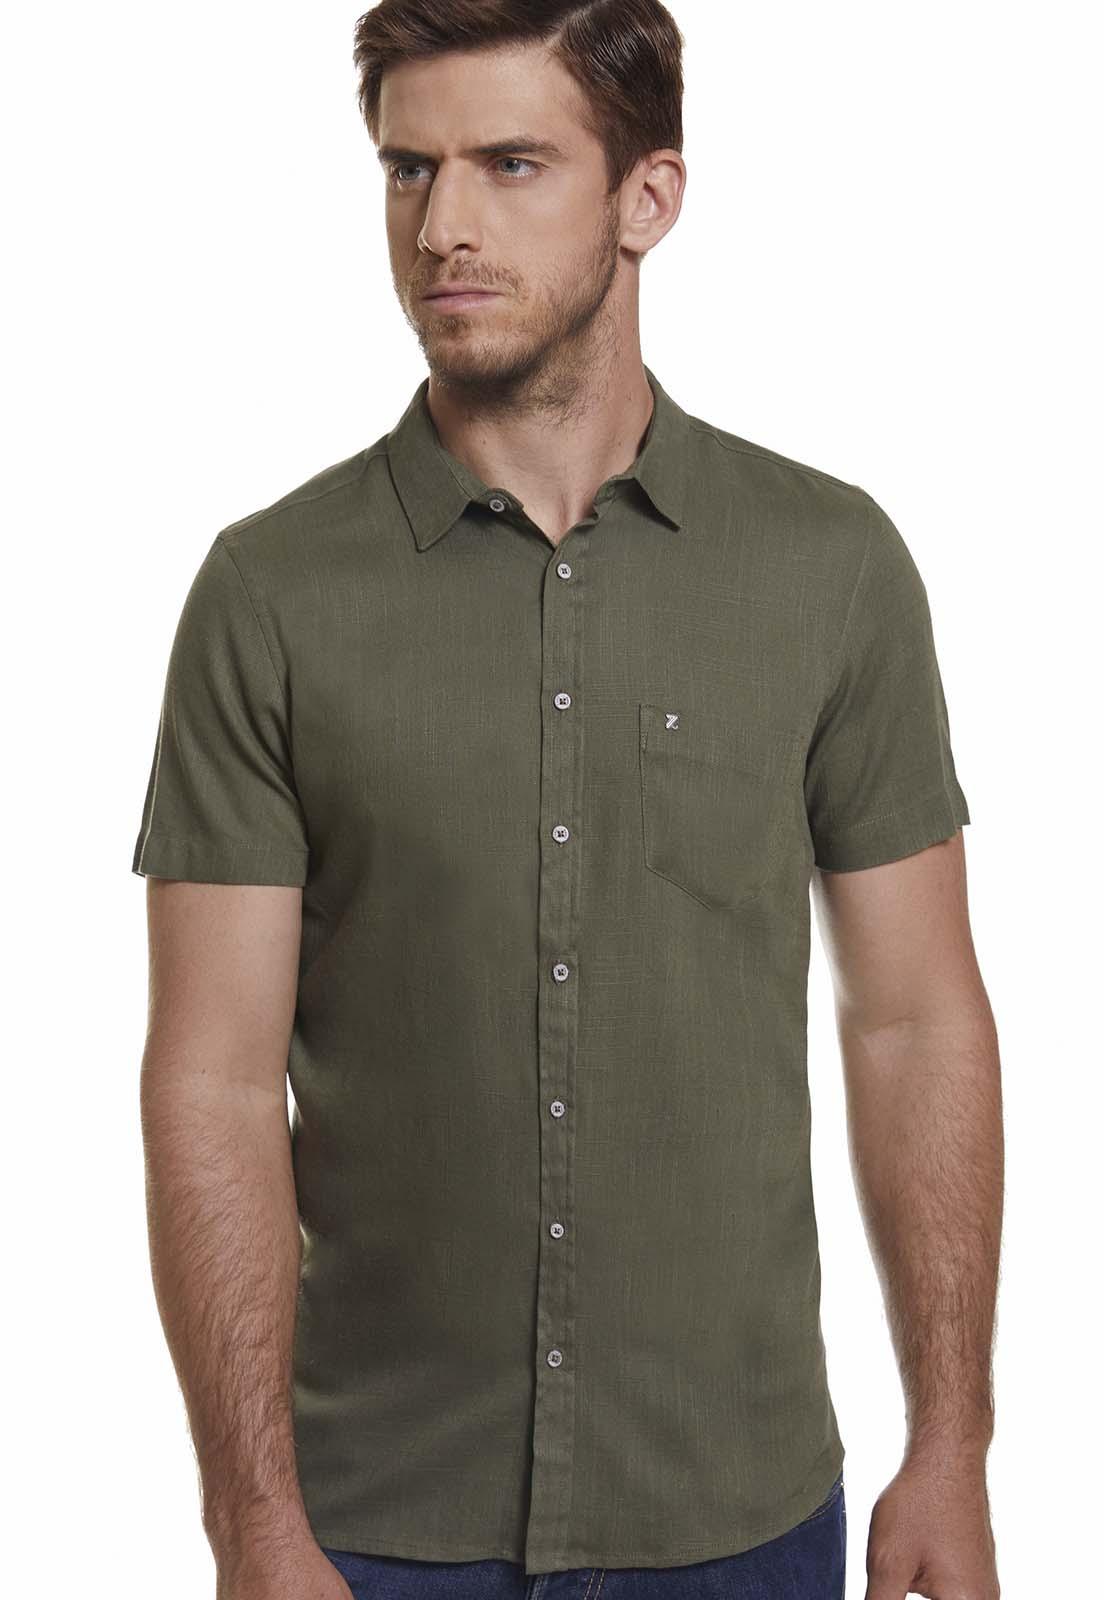 Camisa Slim Zaiko Masculino Linho Manga Curta 2032 Verde